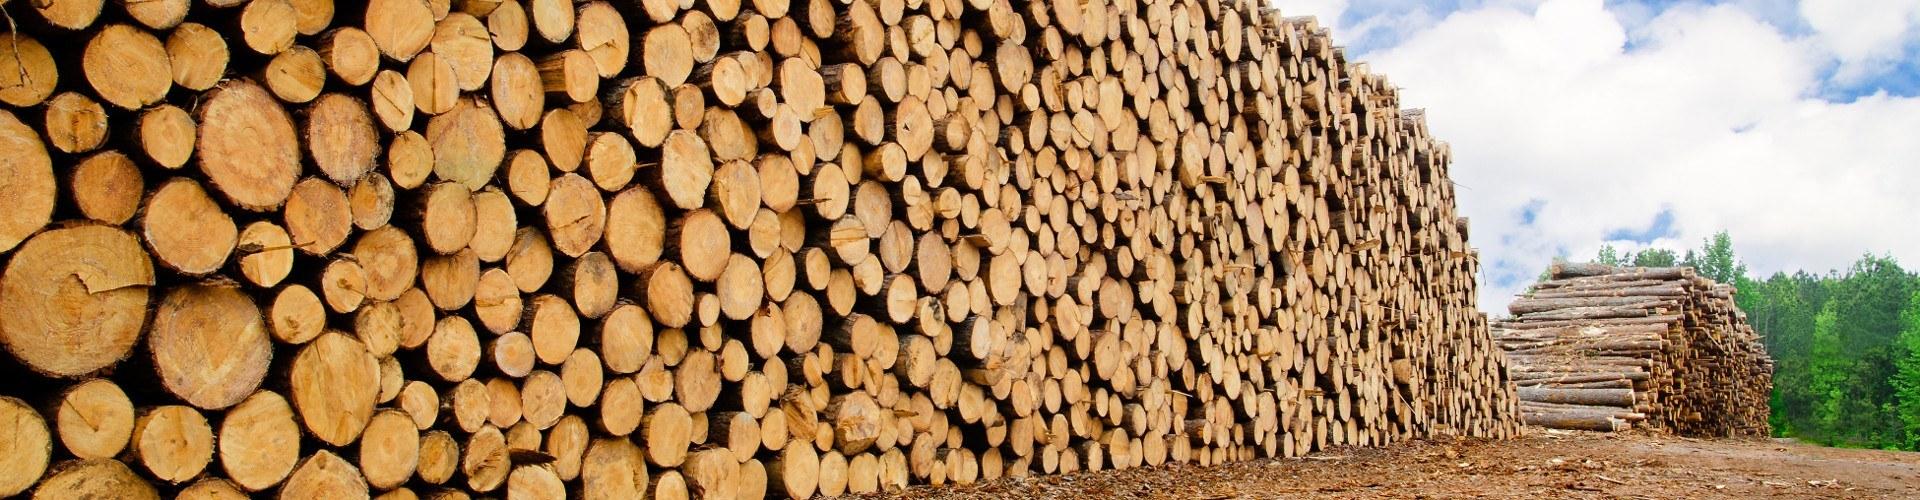 Zolotas Wood Wood Pile